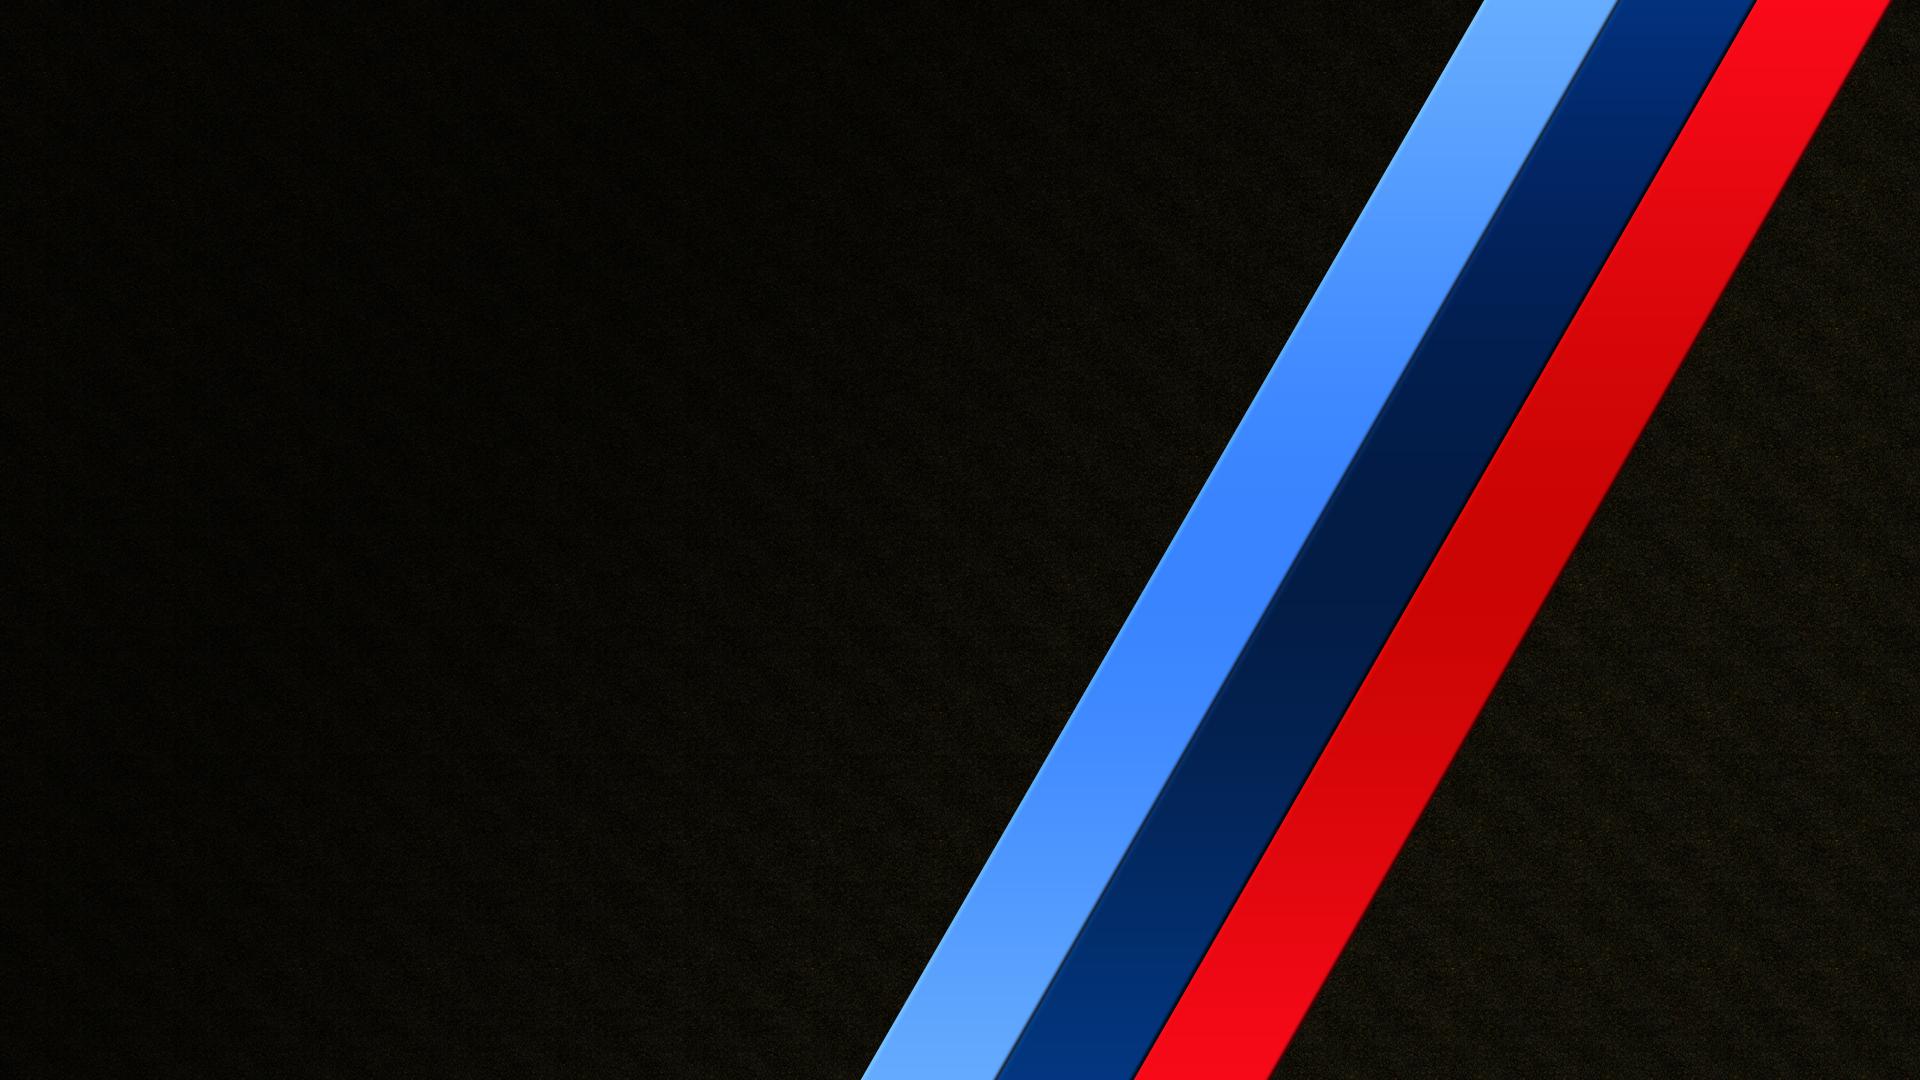 BMW M Stripe by Ado CiVoN 1920x1080